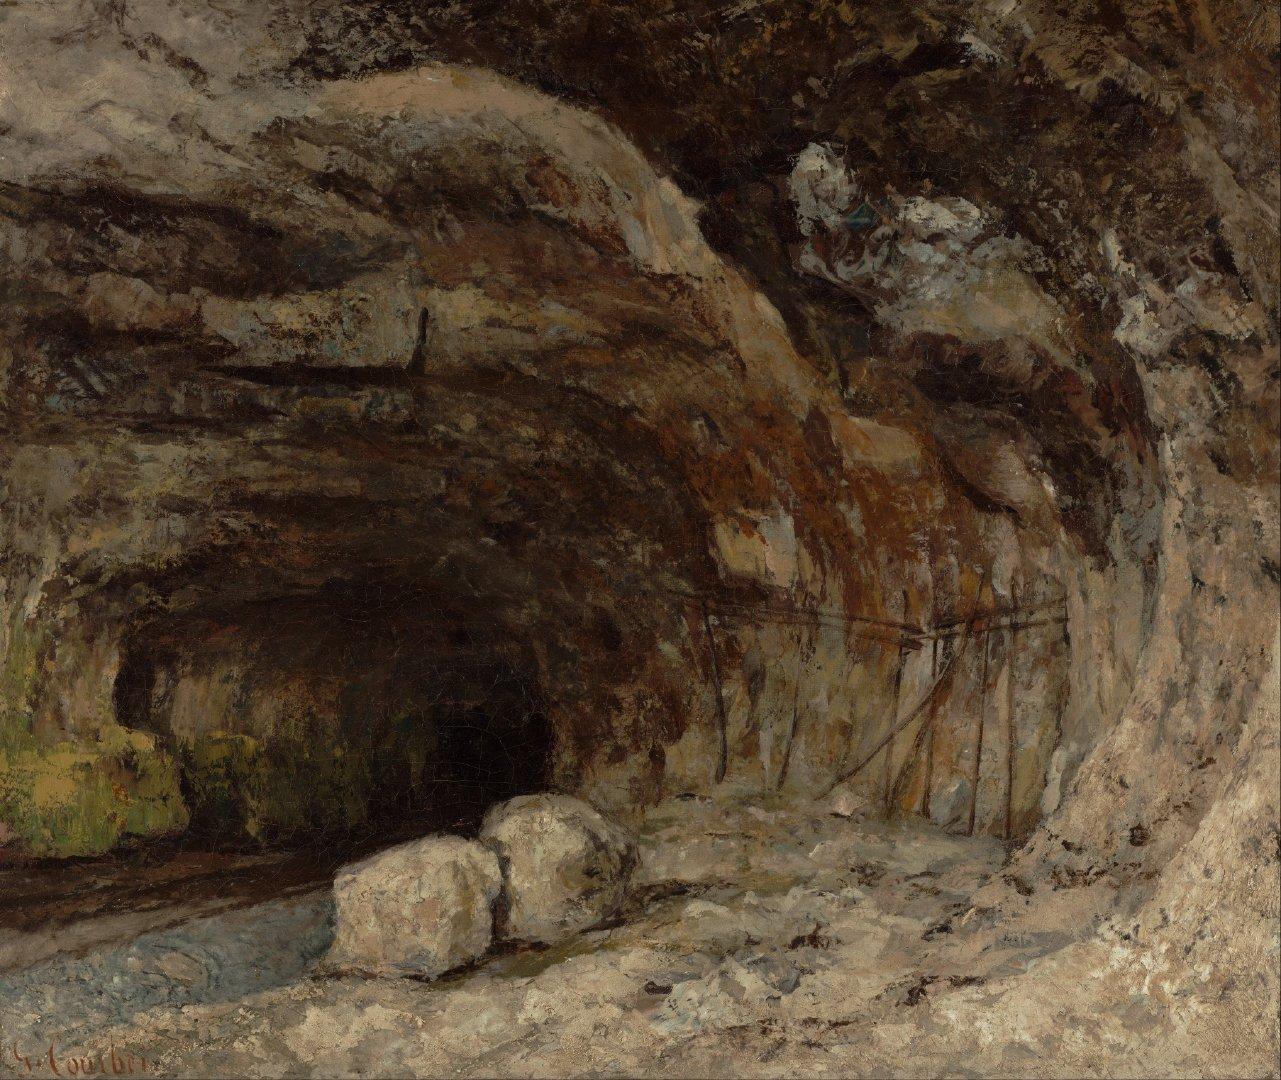 自然形成的洞穴高清桌面壁纸